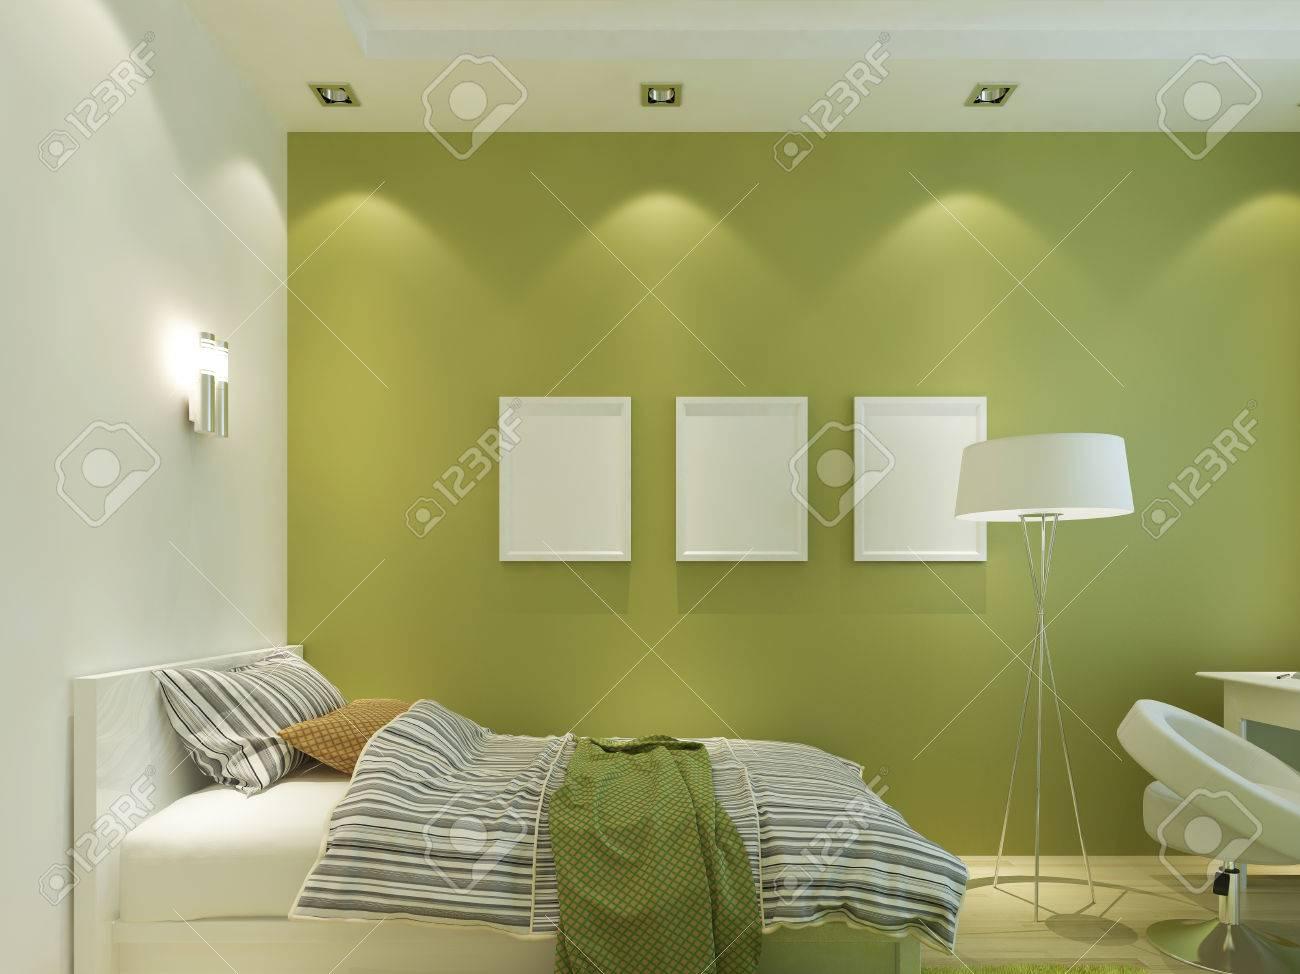 Moderne Kinderzimmer Grune Farbe Mit Mockup Poster An Der Wand Und